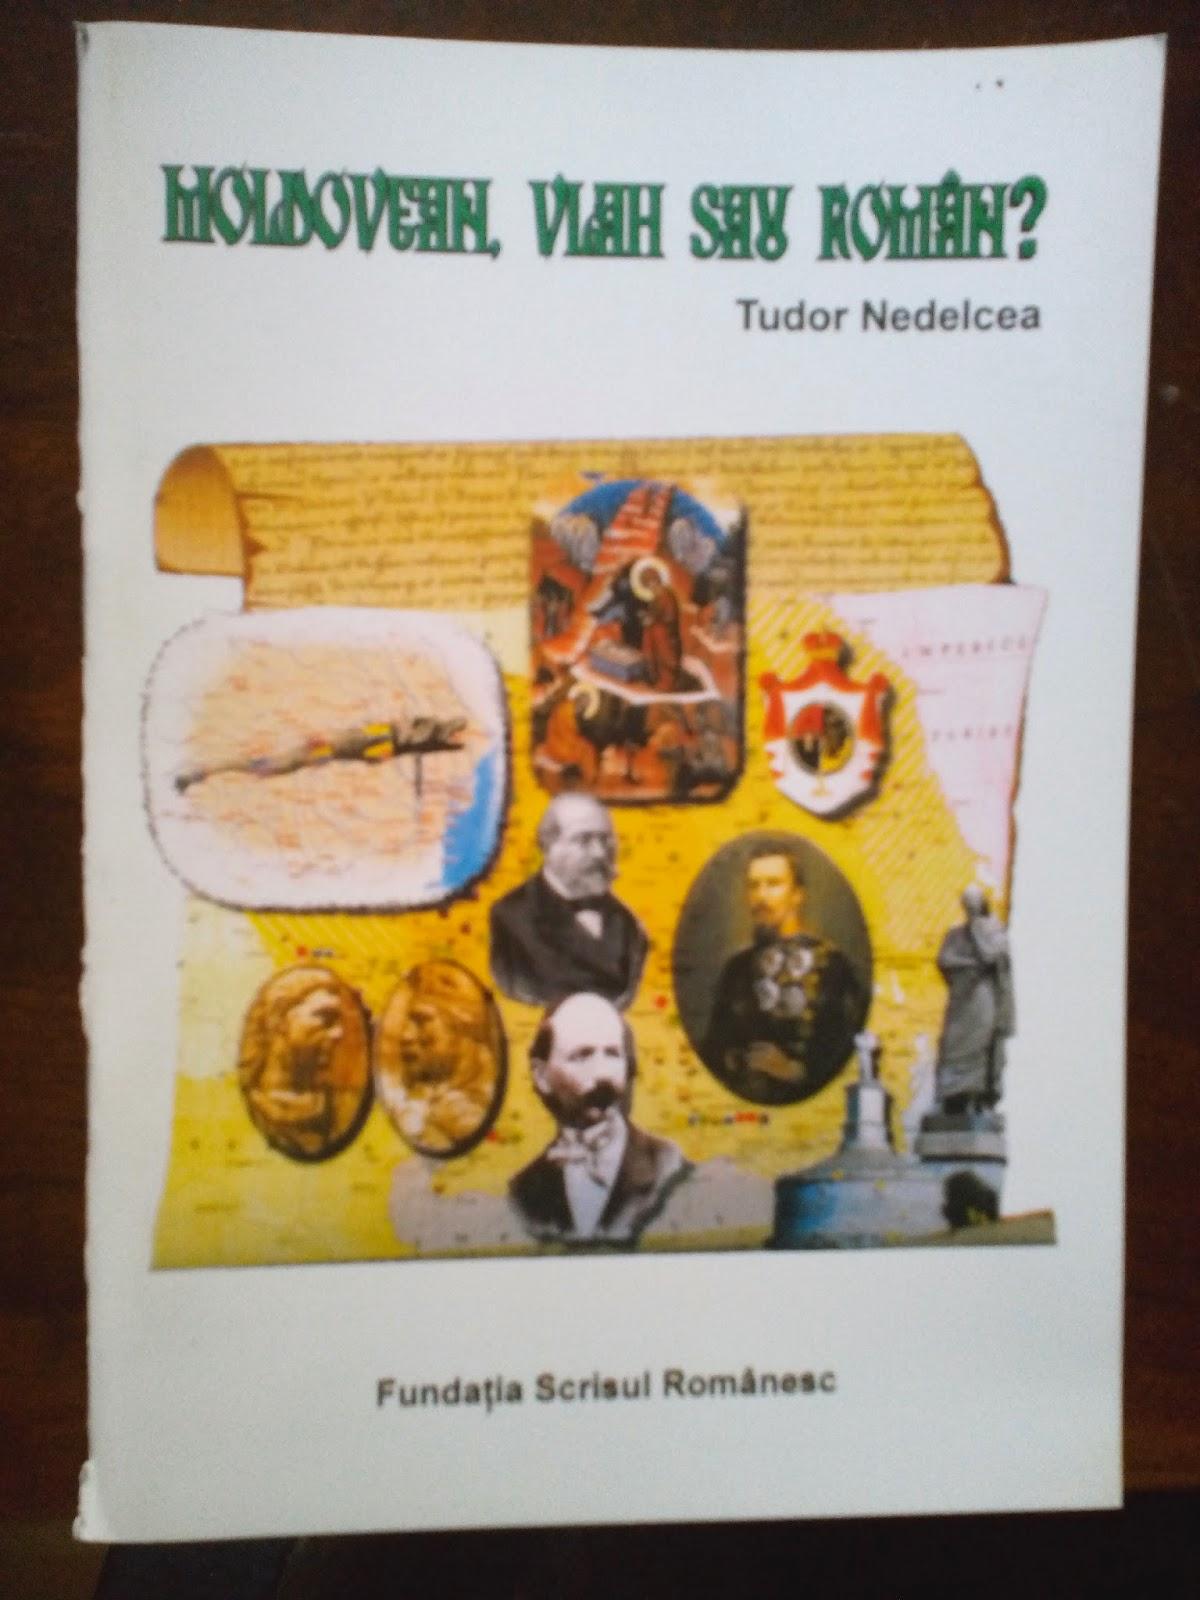 Tudor Nedelcea - Moldovean, vlah sau roman?